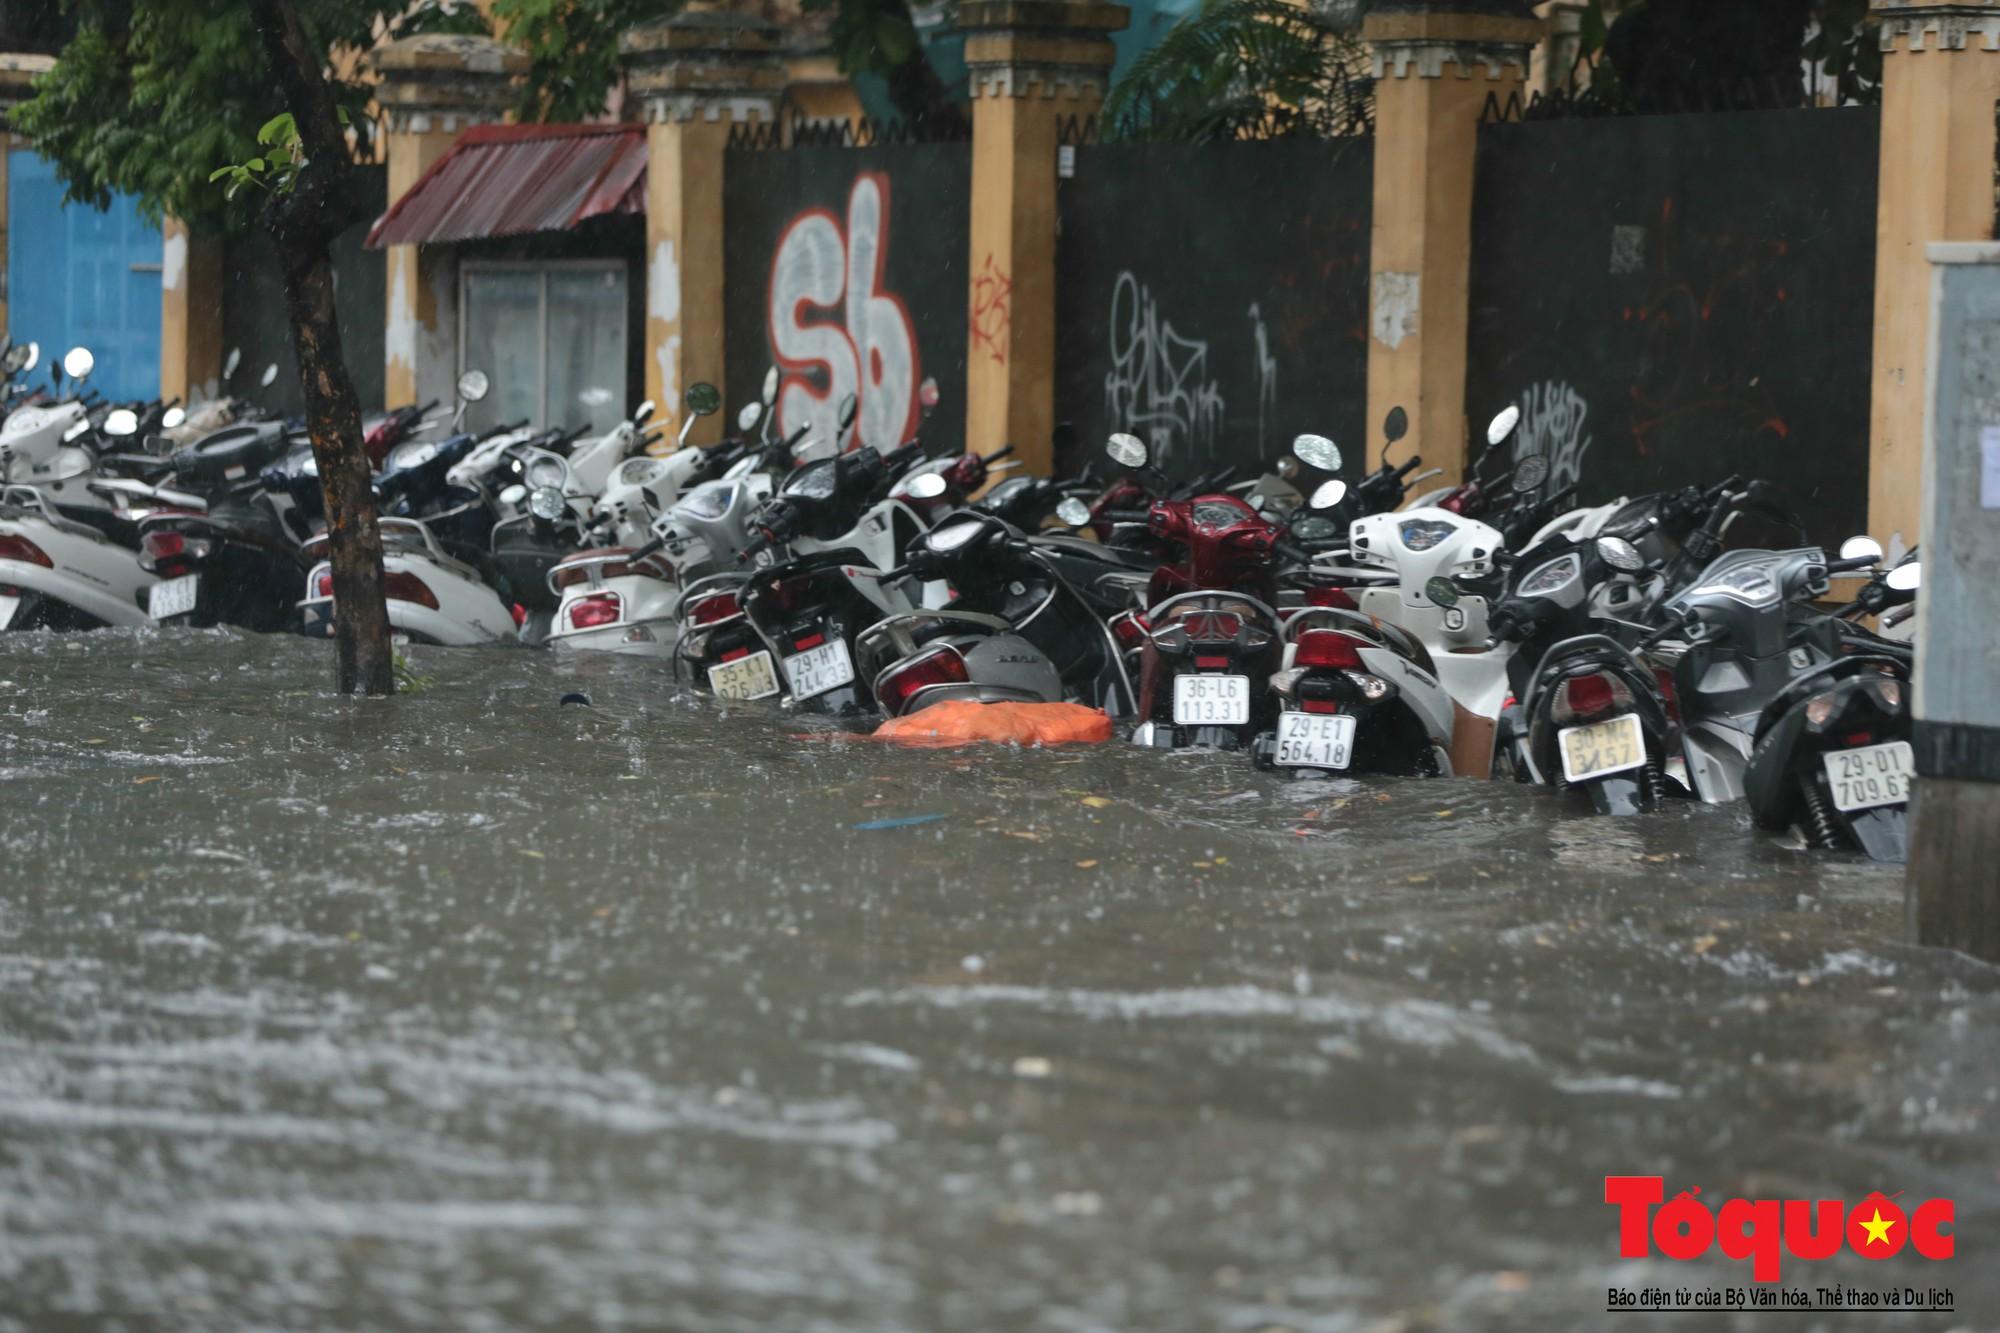 Hà Nội mưa lớn, xế hộp tập bơi qua tuyến phố ngâp nước (4)